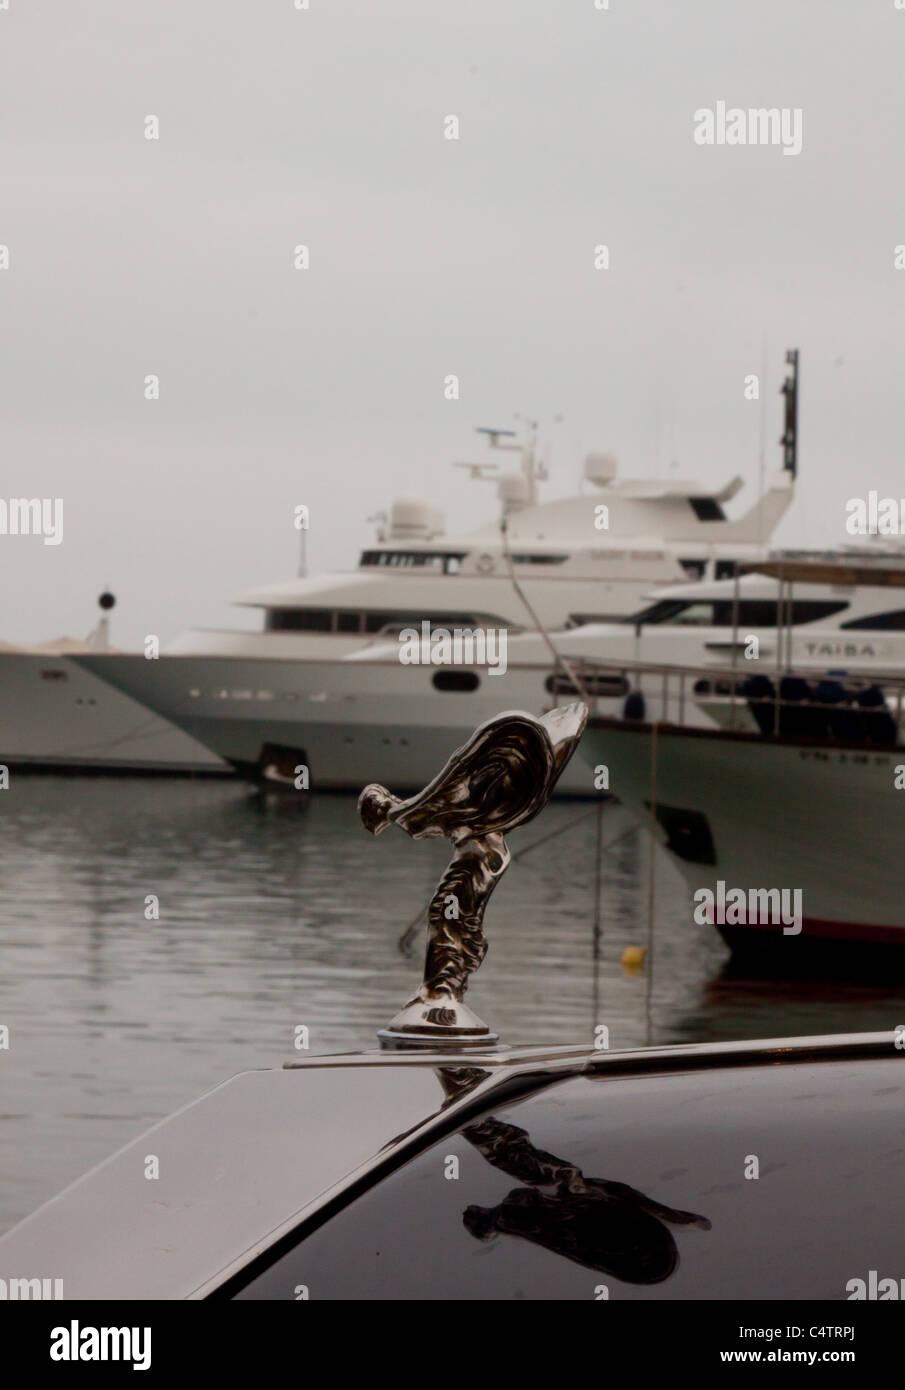 rolls royce flugel vor luxus yachten im hafen von puerto banus marbella spanien an einem leicht bewolkten tag